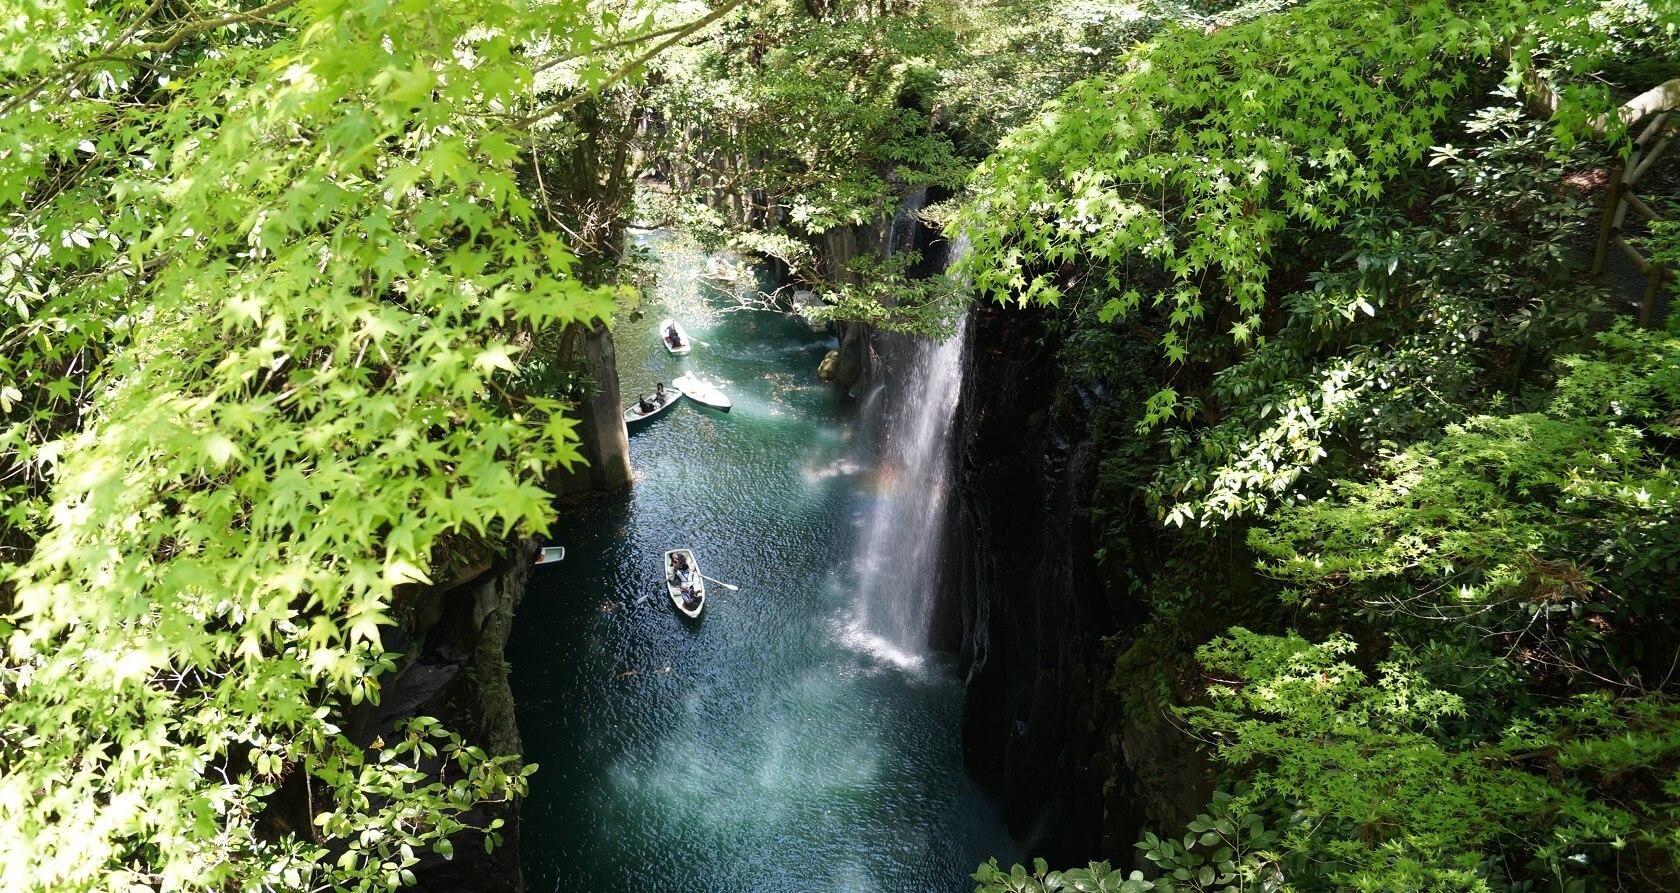 Takachiho Gorge in Miyazaki